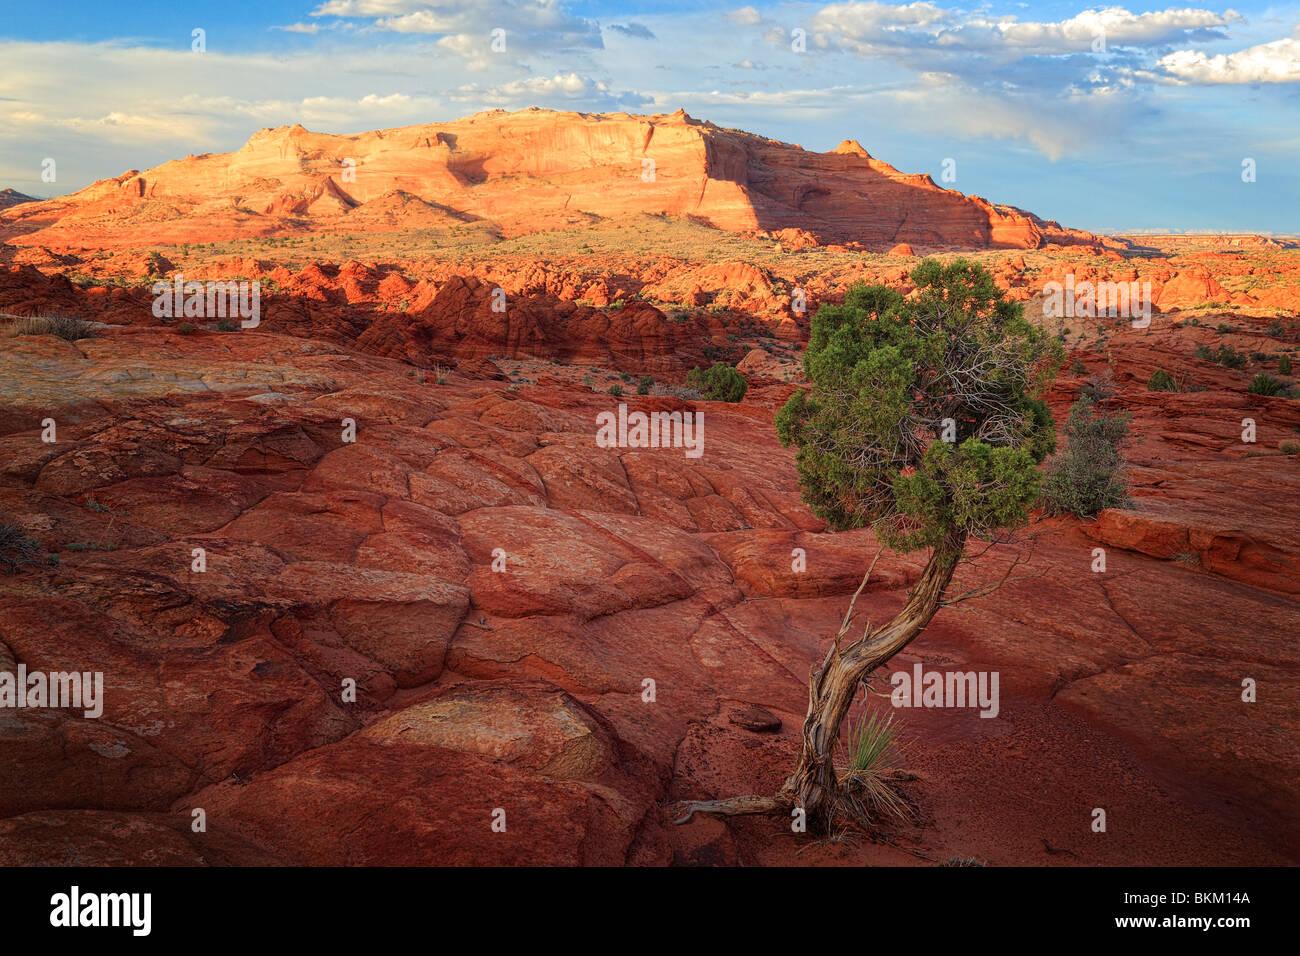 Árbol de enebro y formaciones rocosas en Vermilion Cliffs National Monument, Arizona Foto de stock